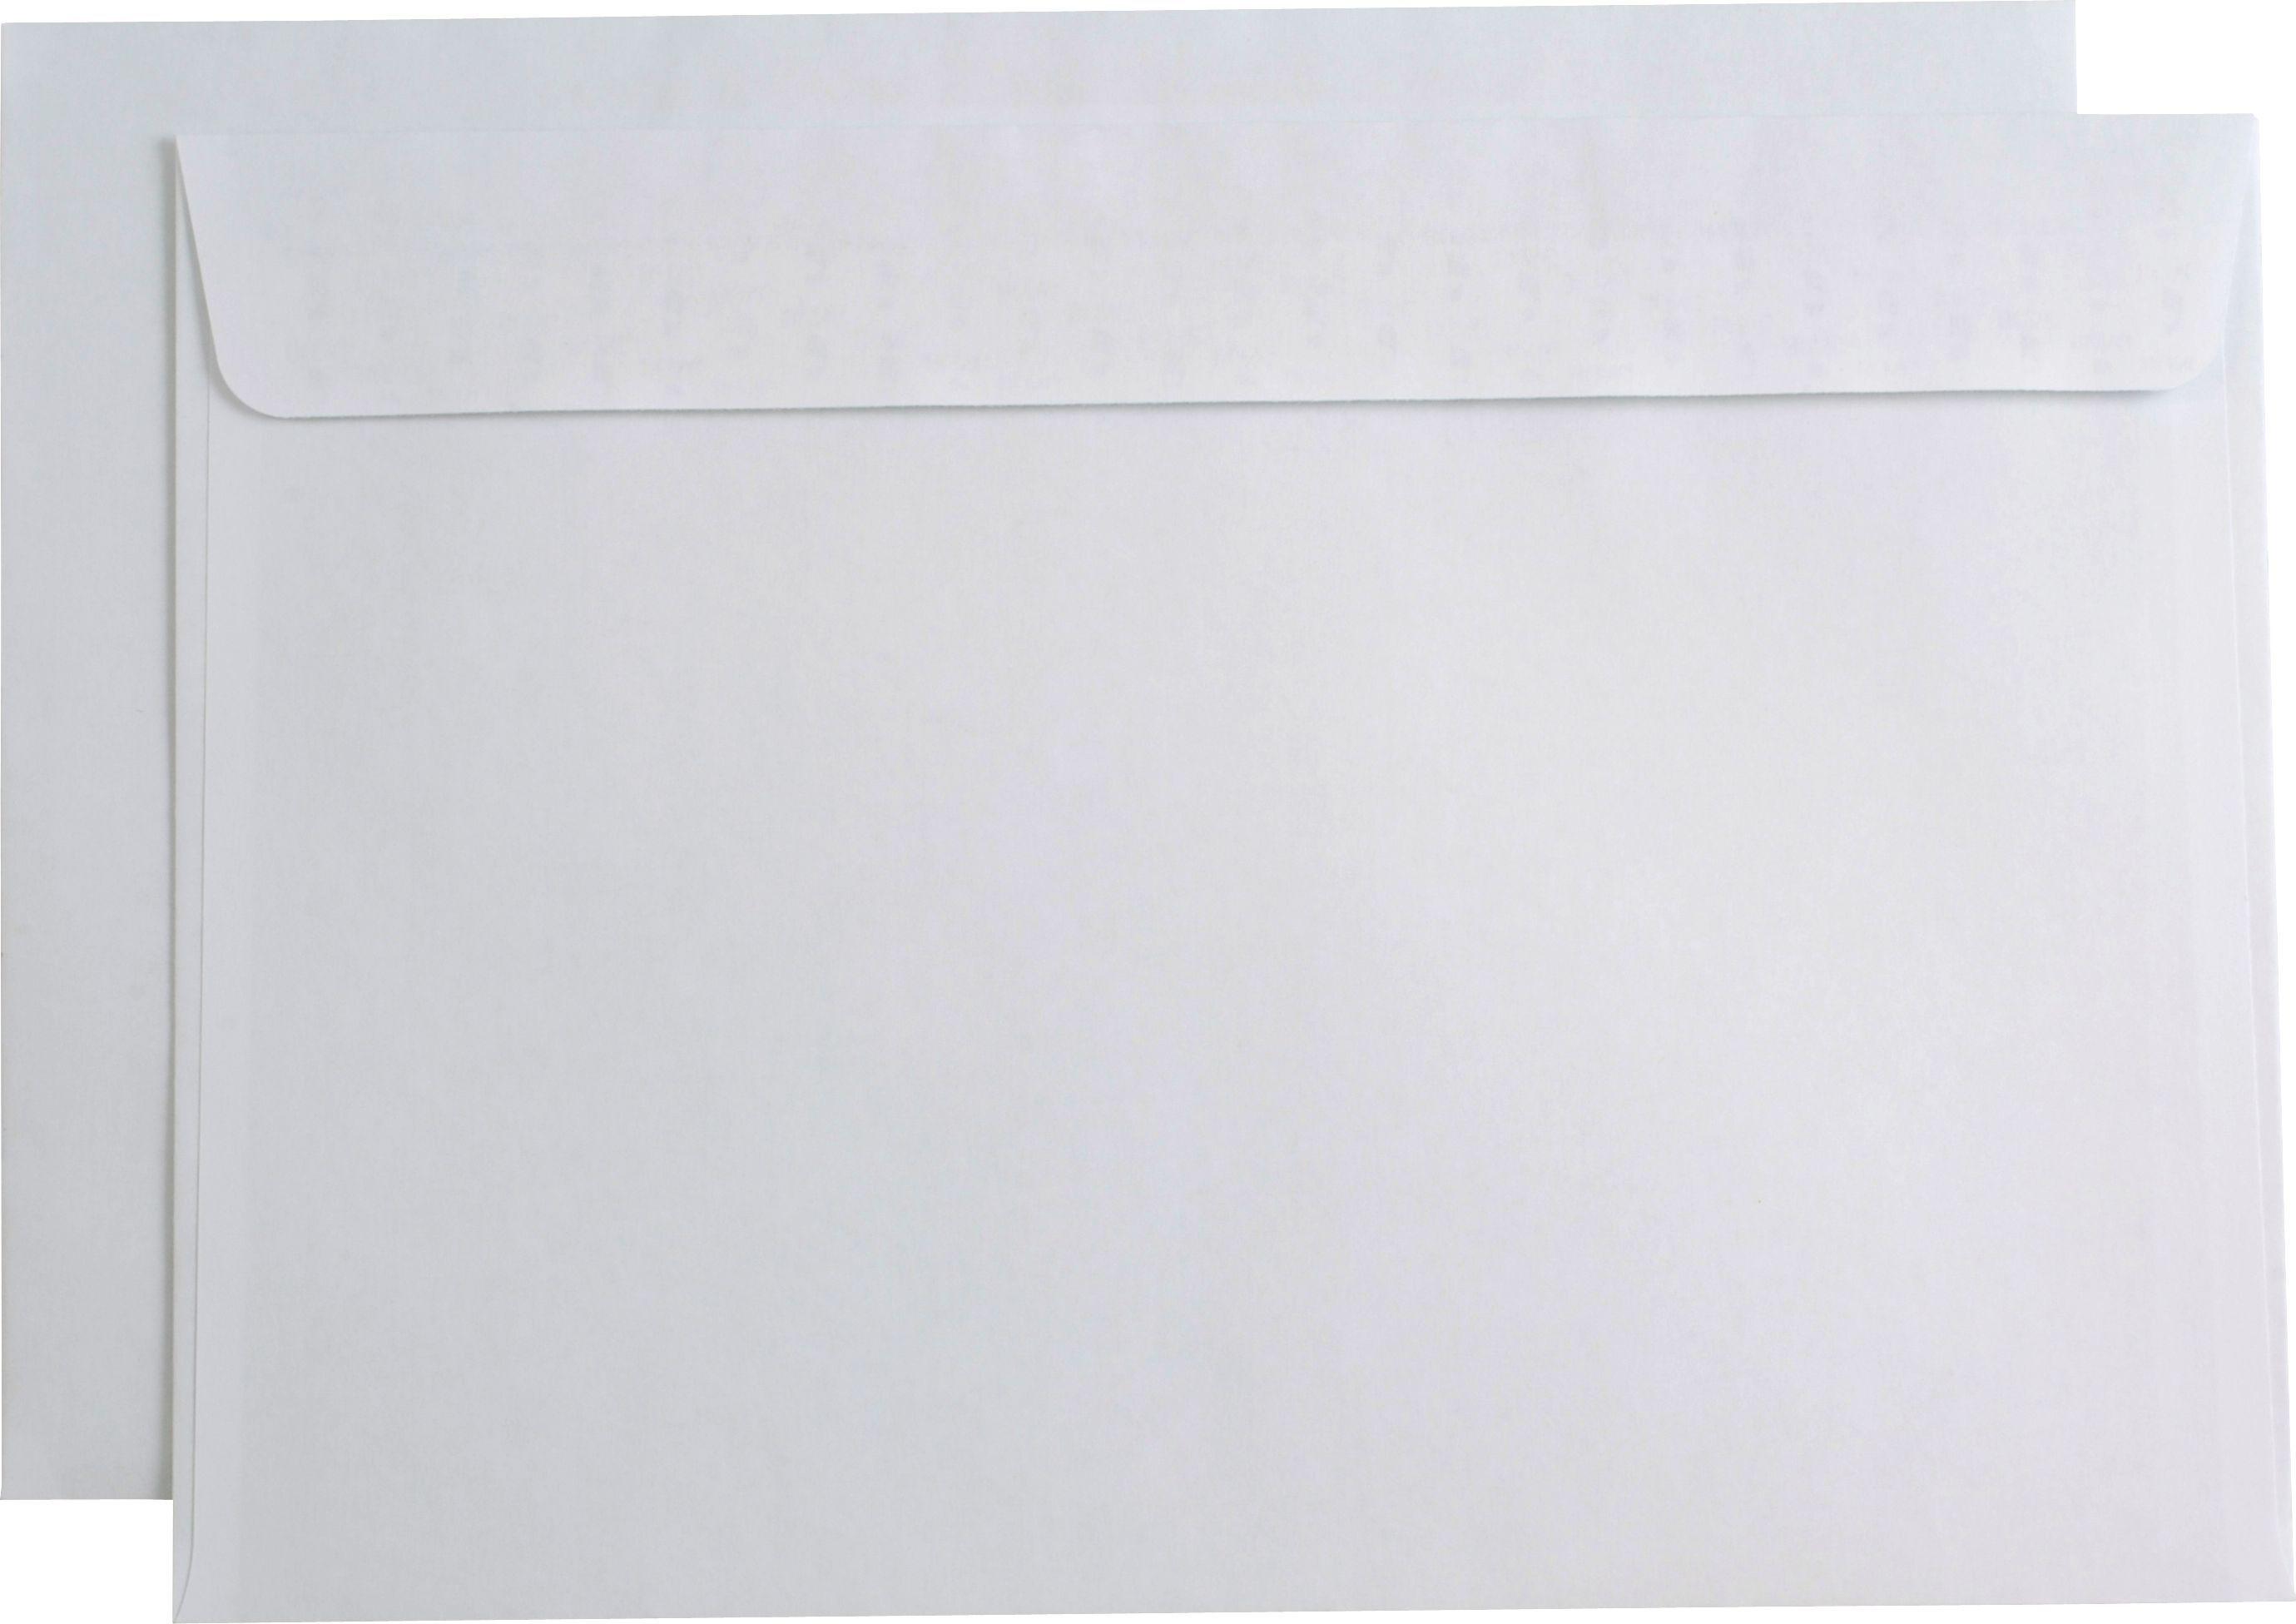 Mailman Konvolutt C5 90g SKD (500) 10084